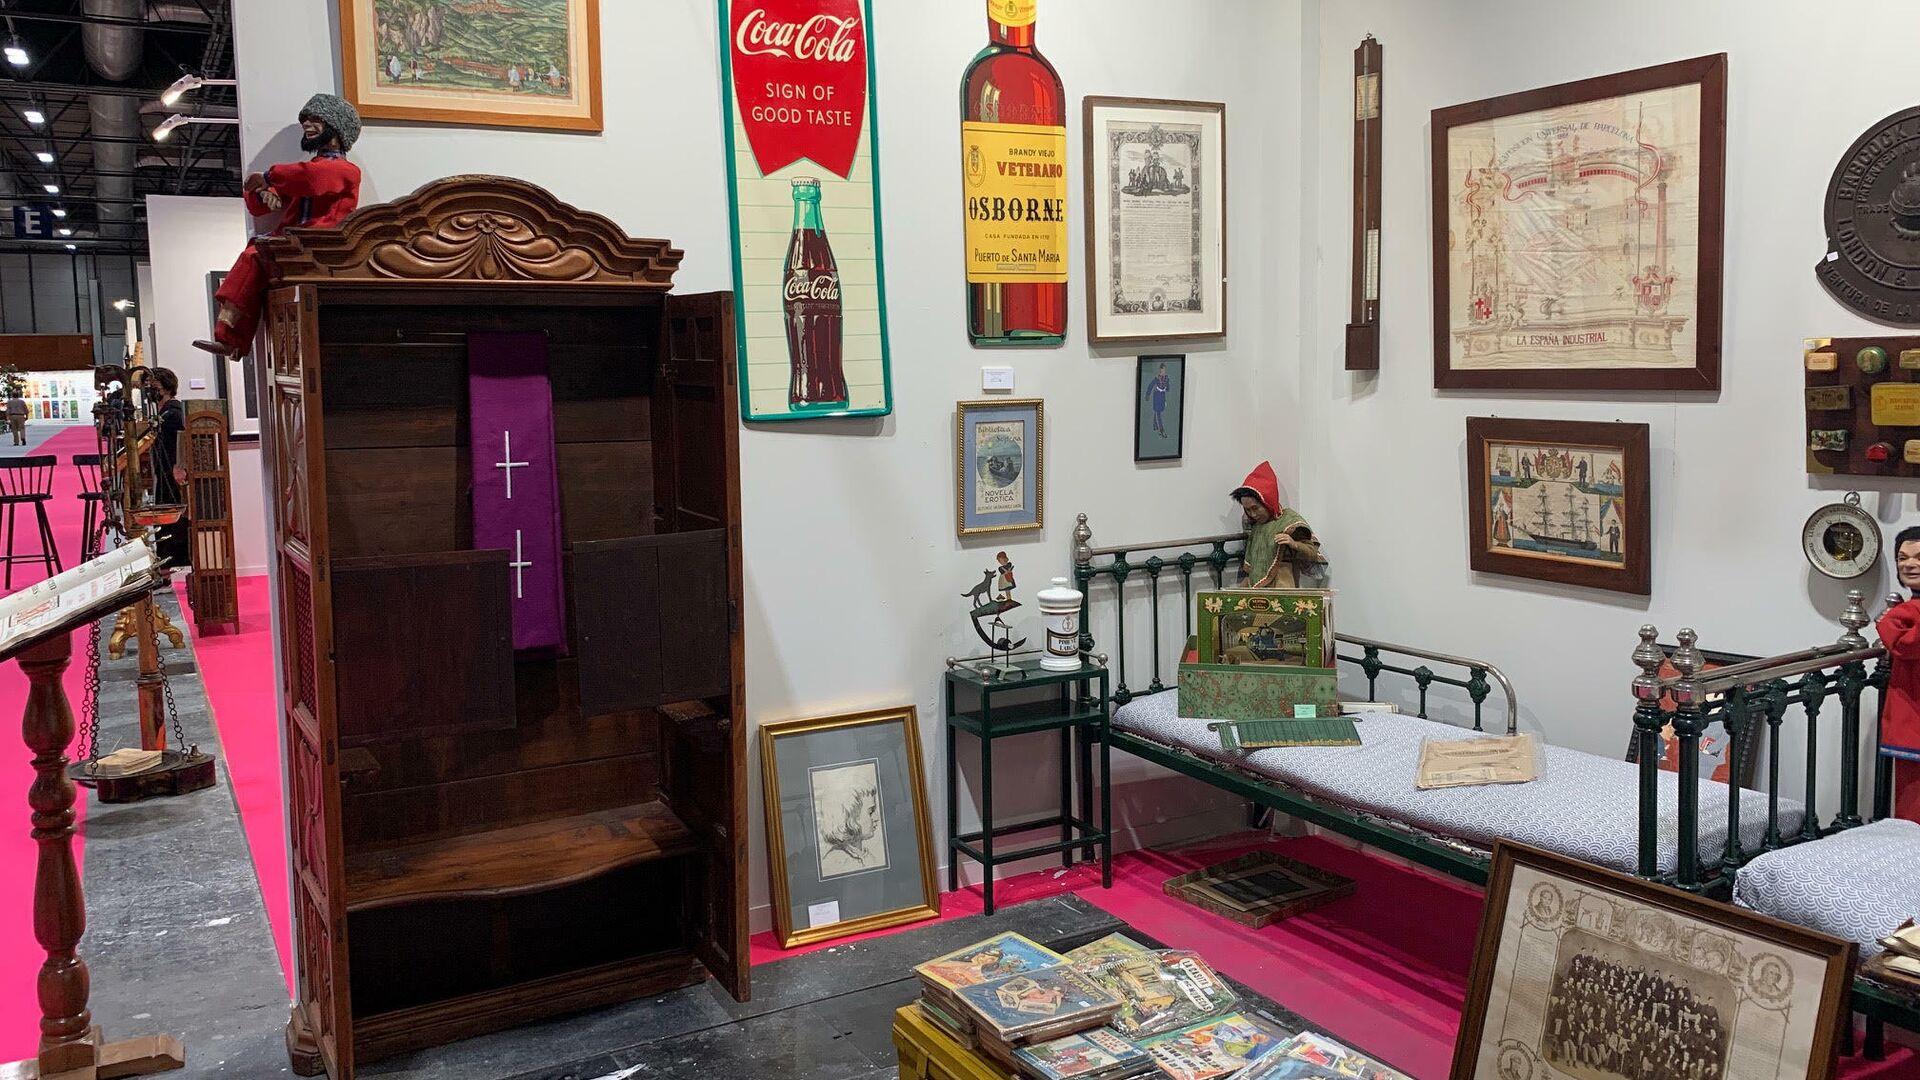 Feria Antik Passion Almoneda 2021 en Madrid - Sputnik Mundo, 1920, 18.06.2021